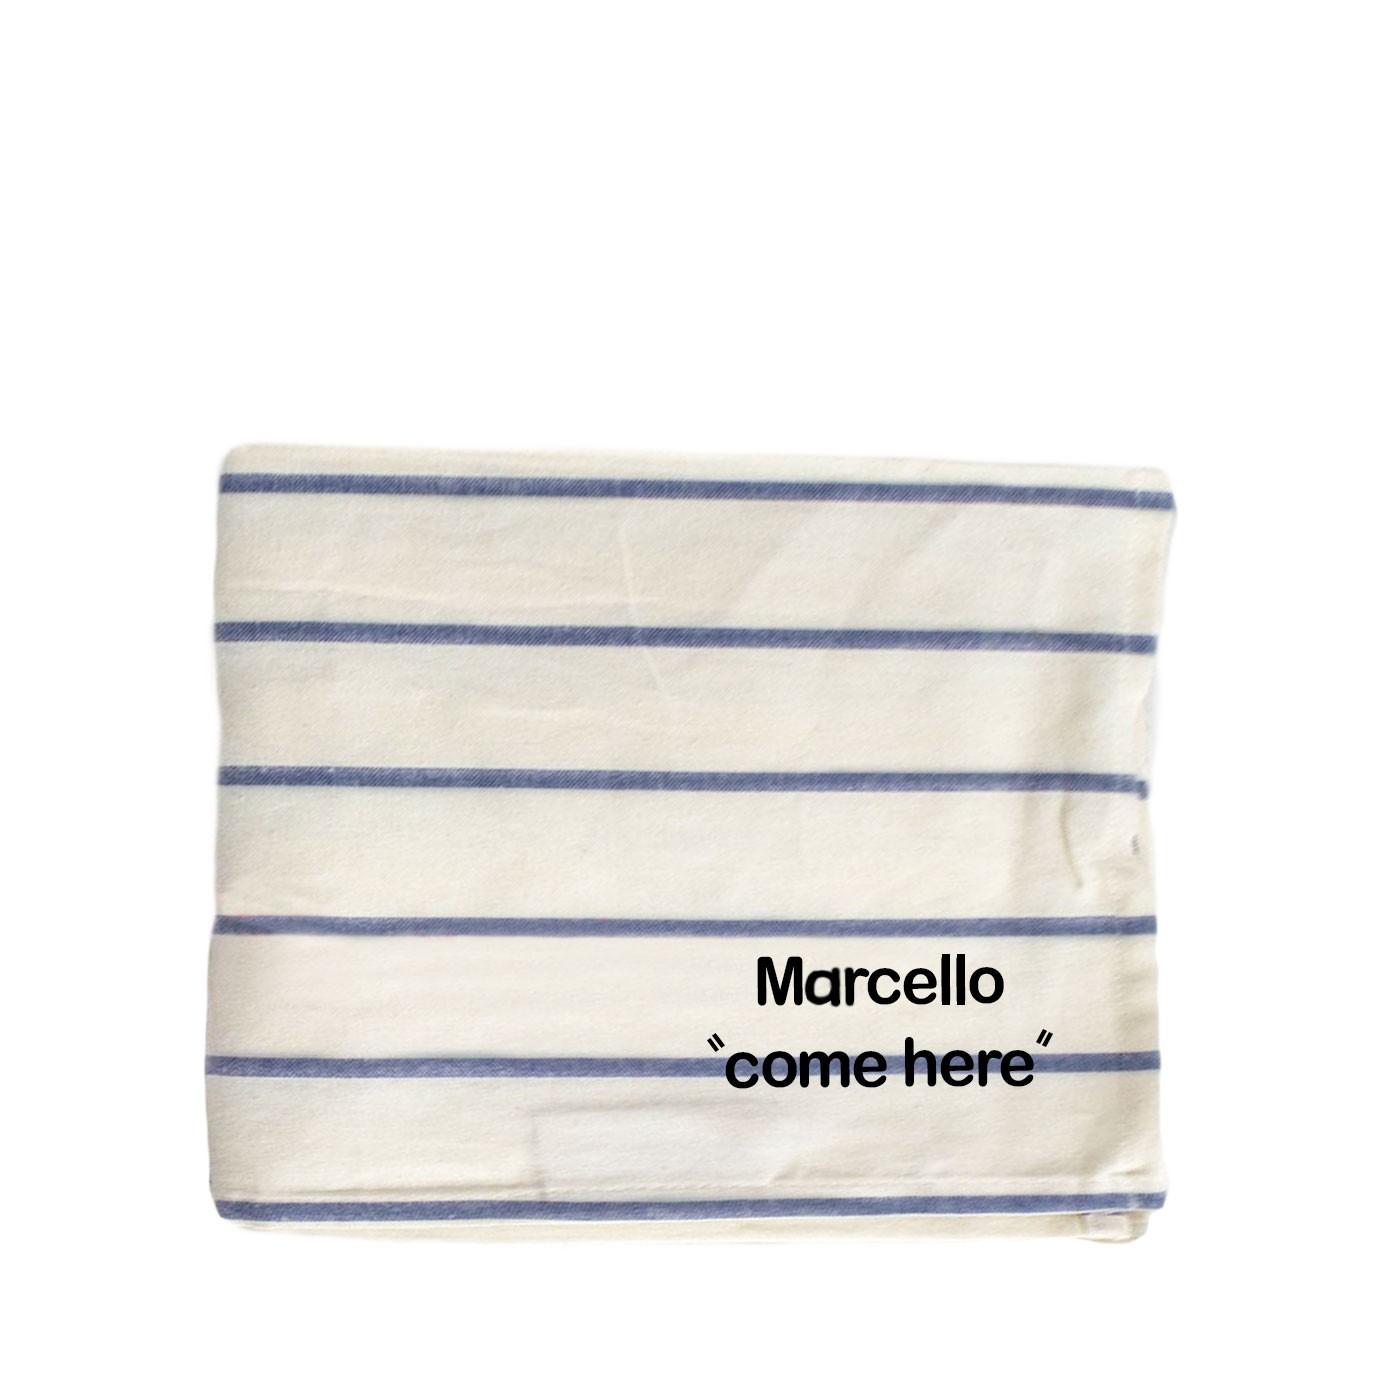 Marcello Cotton Towel Set